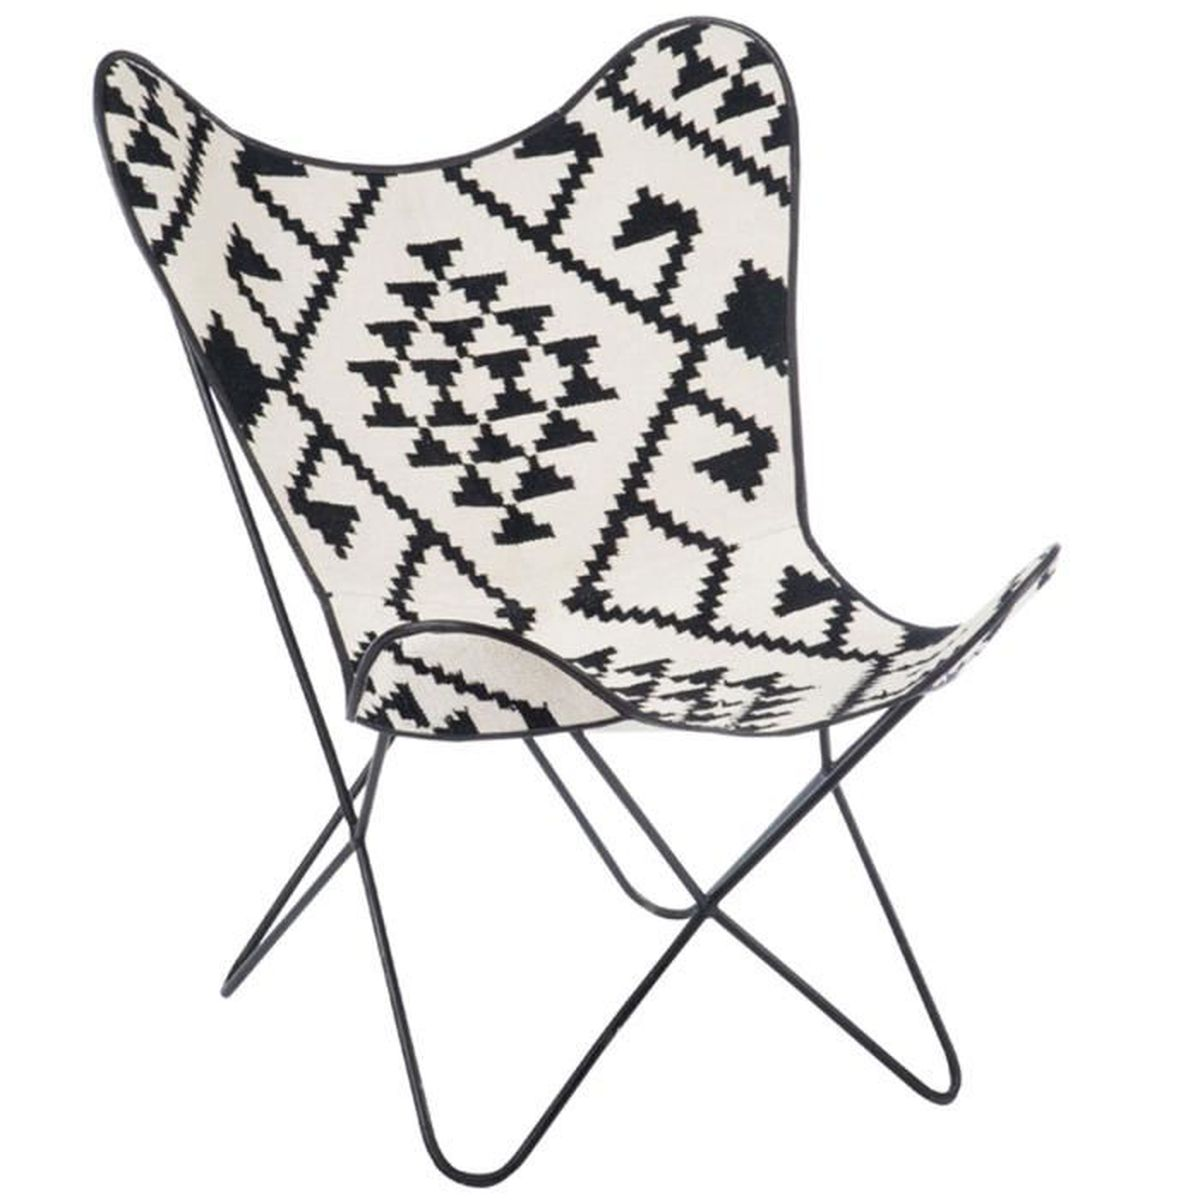 fauteuil lou jute et m tal noir et blanc noir blanc achat vente fauteuil cdiscount. Black Bedroom Furniture Sets. Home Design Ideas